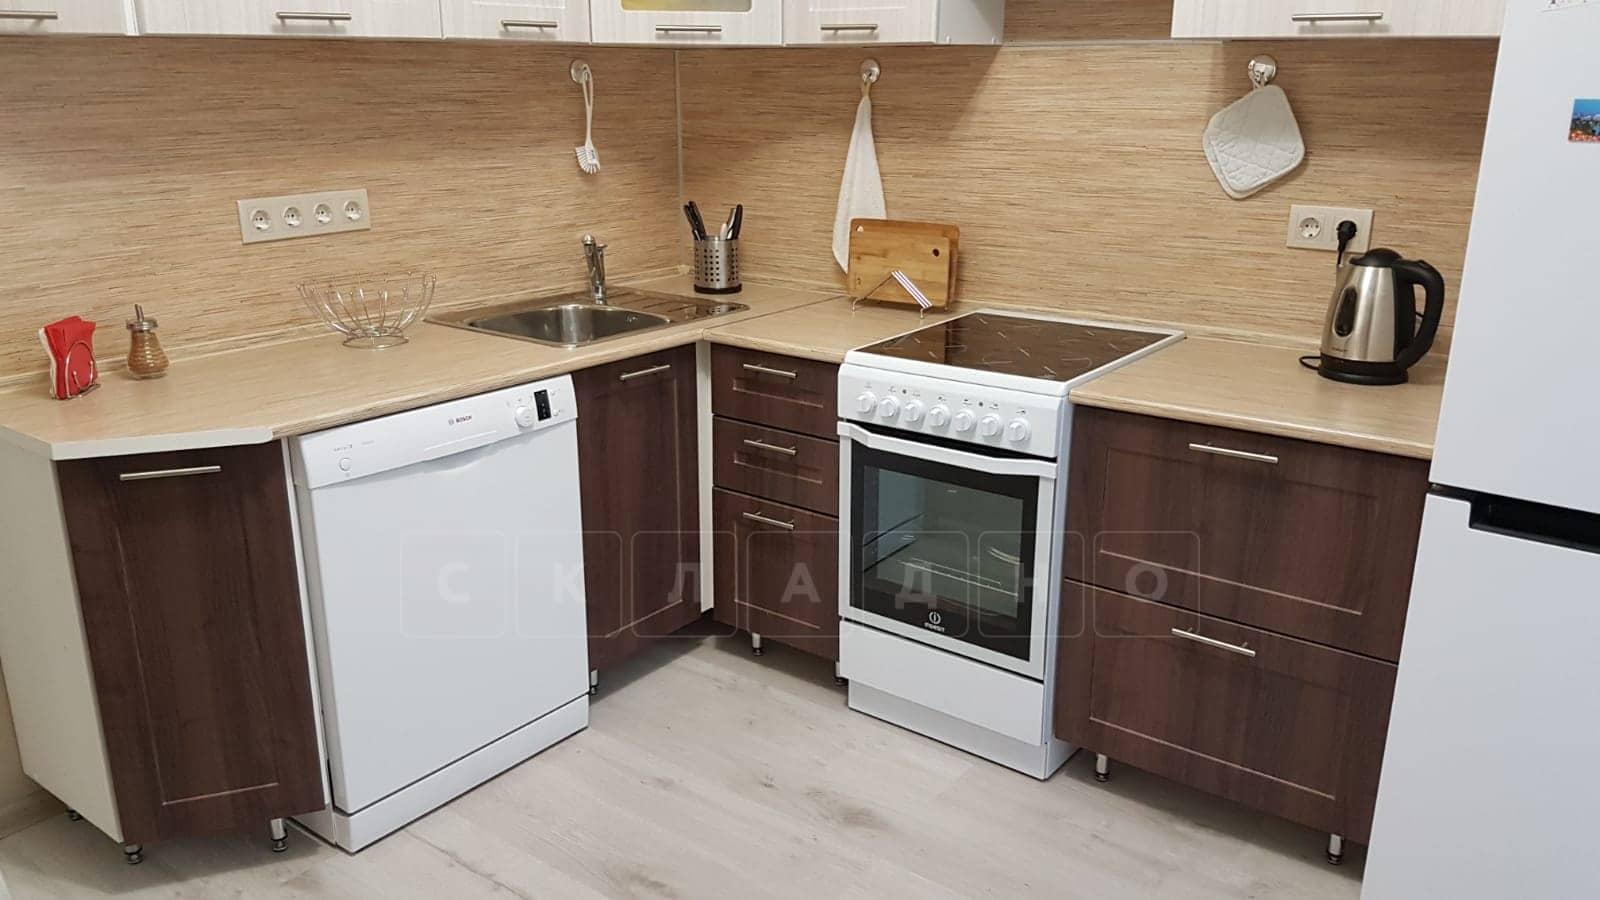 Кухонный гарнитур Лофт 2,0 м фото 3 | интернет-магазин Складно